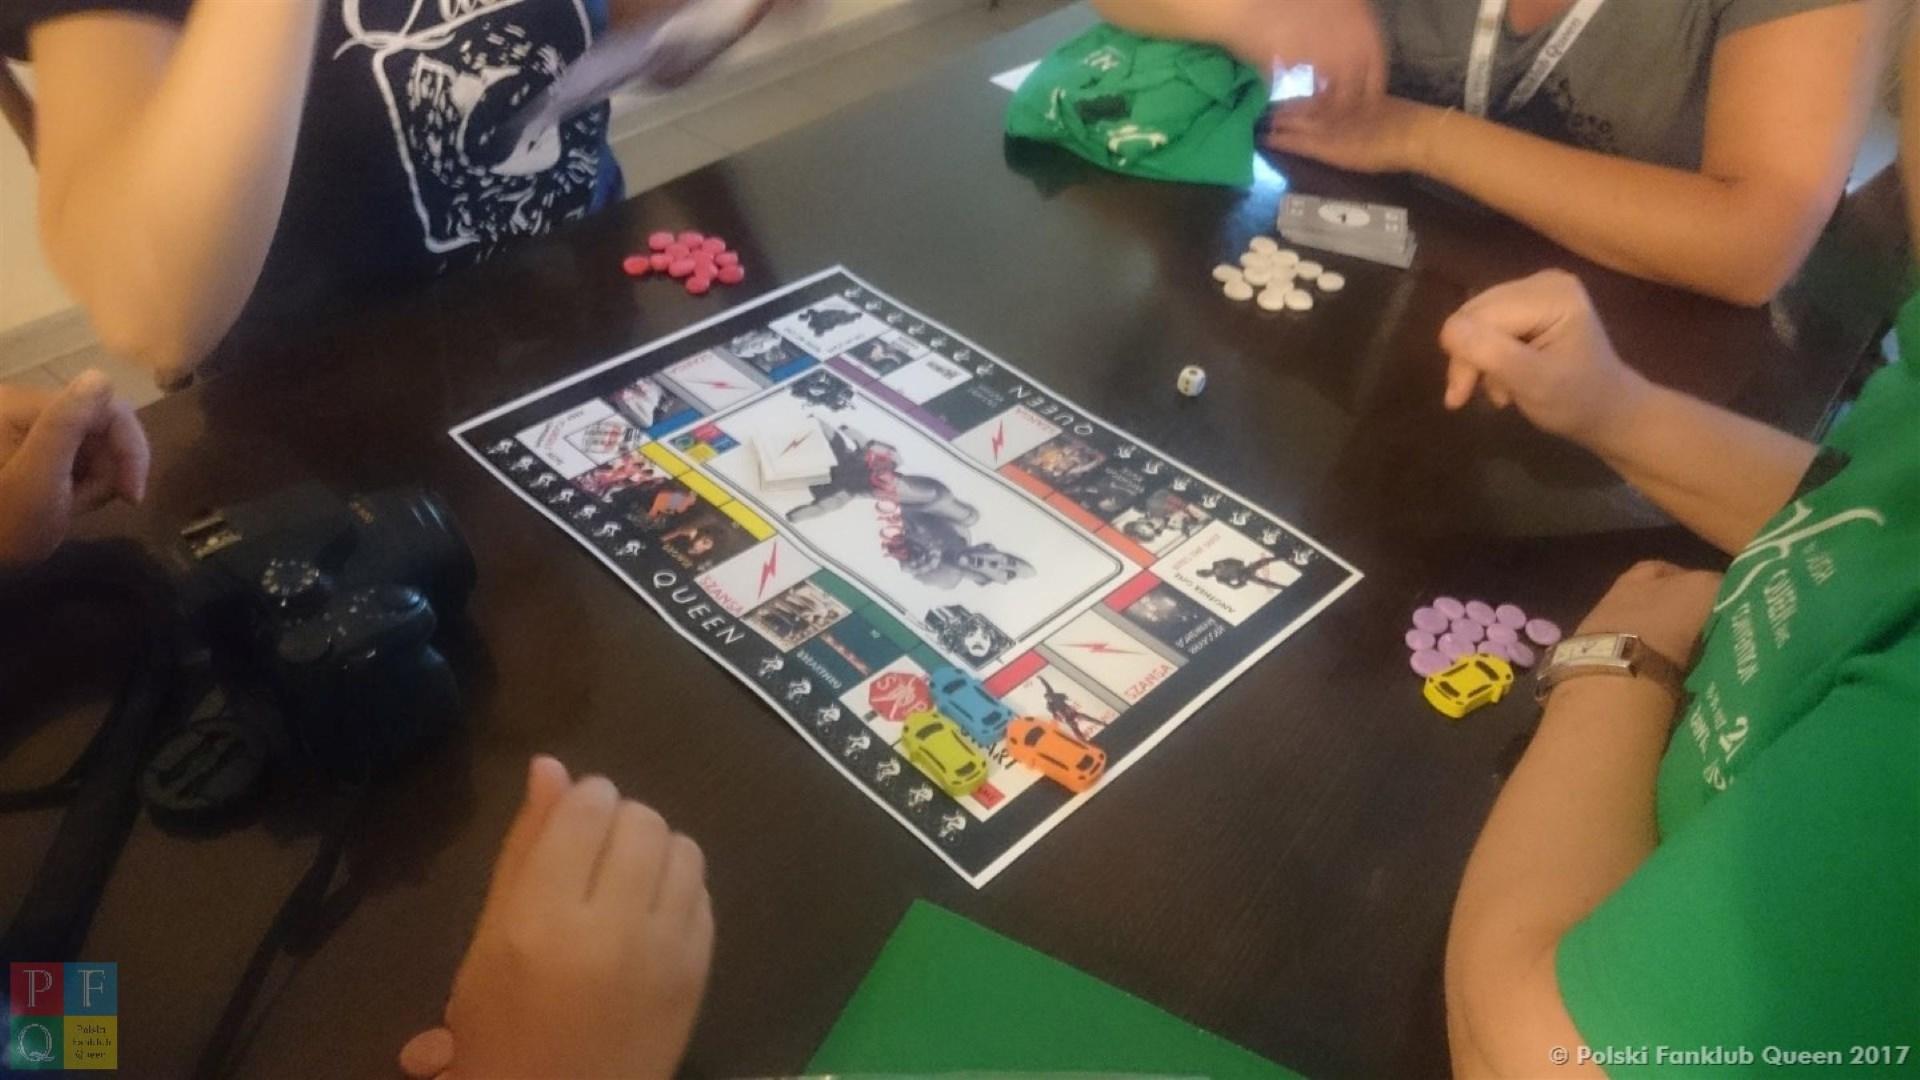 Queen Zlot 2017 DS 17